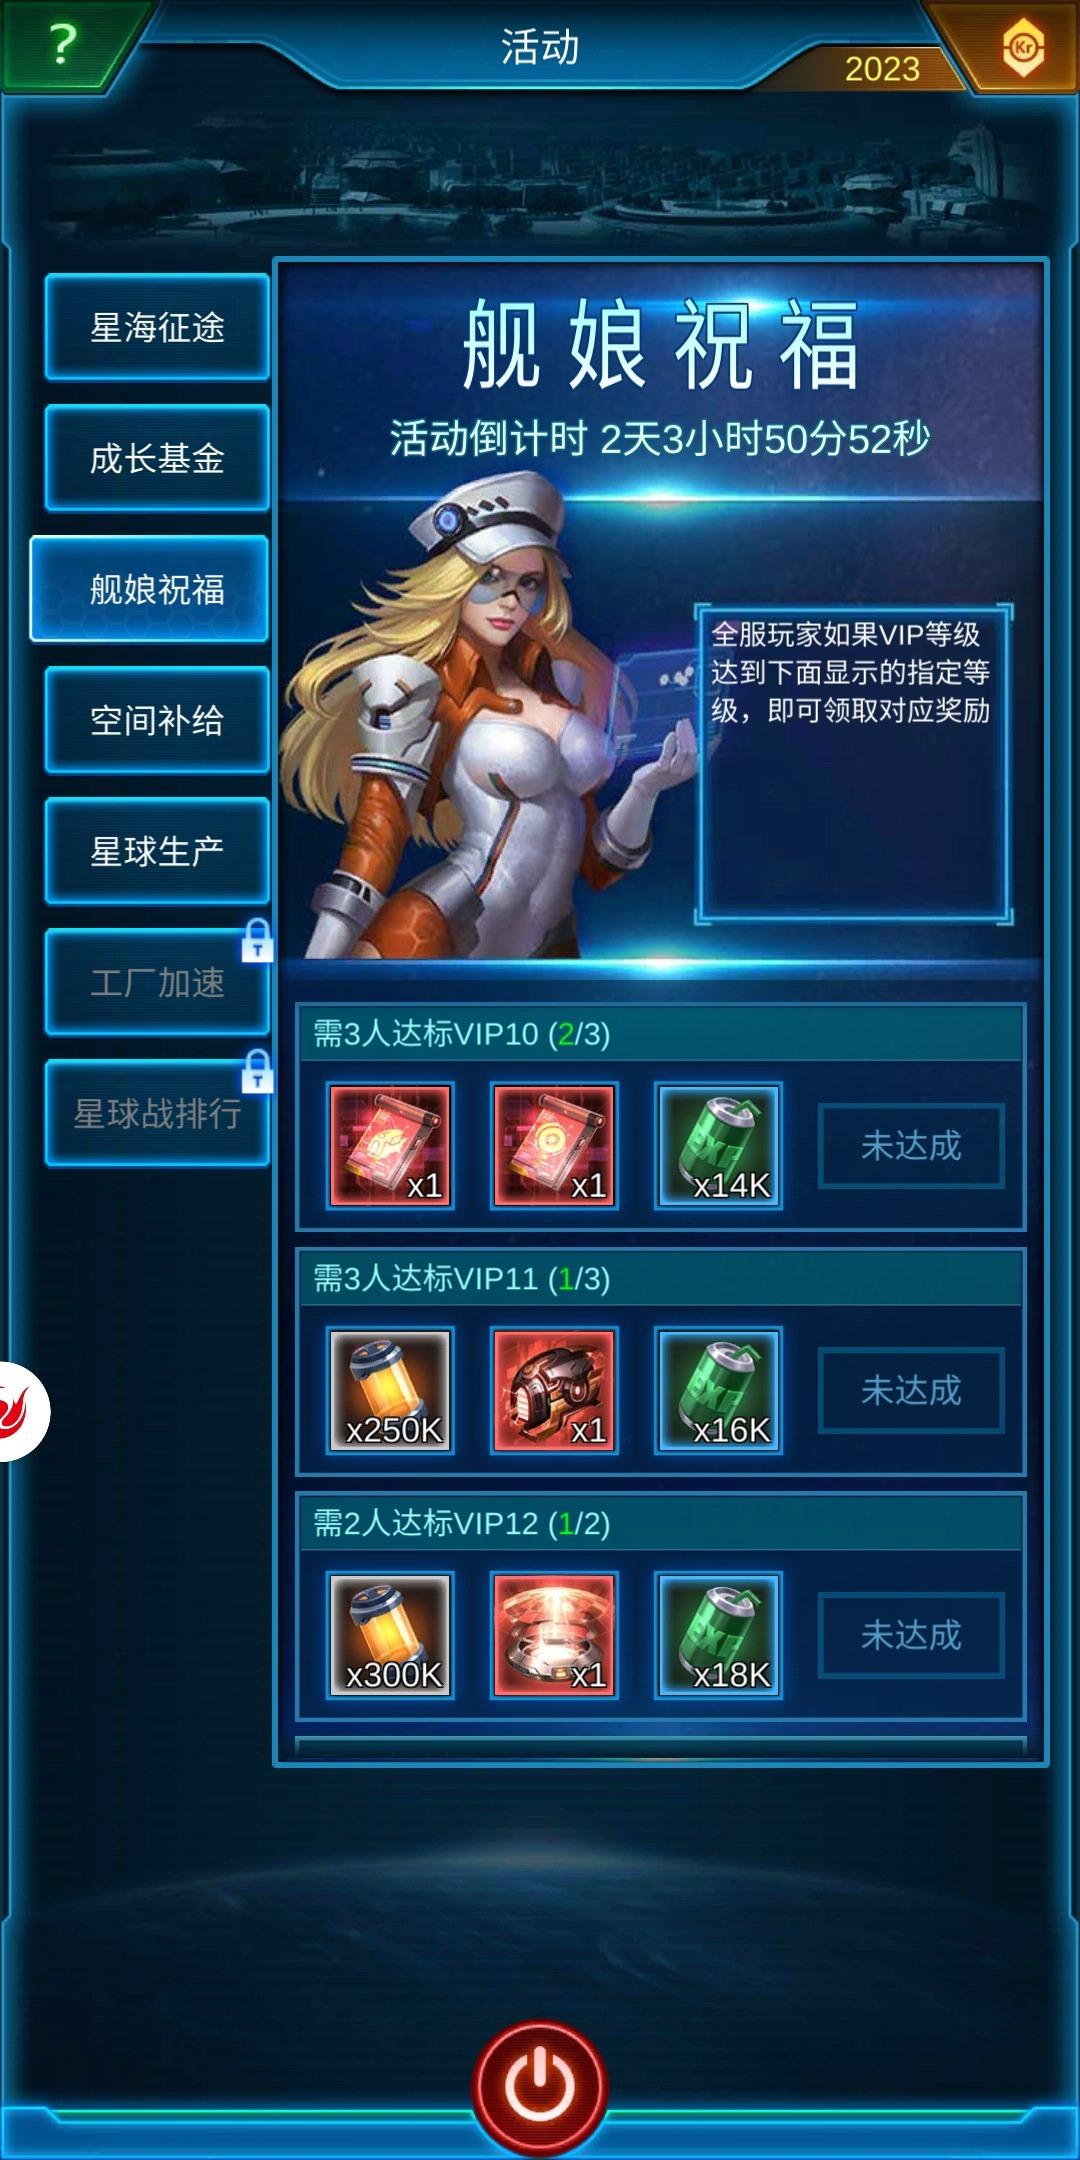 Screenshot_2020-02-20-20-08-11-232_dkplugin.cyc.jtd.jpg